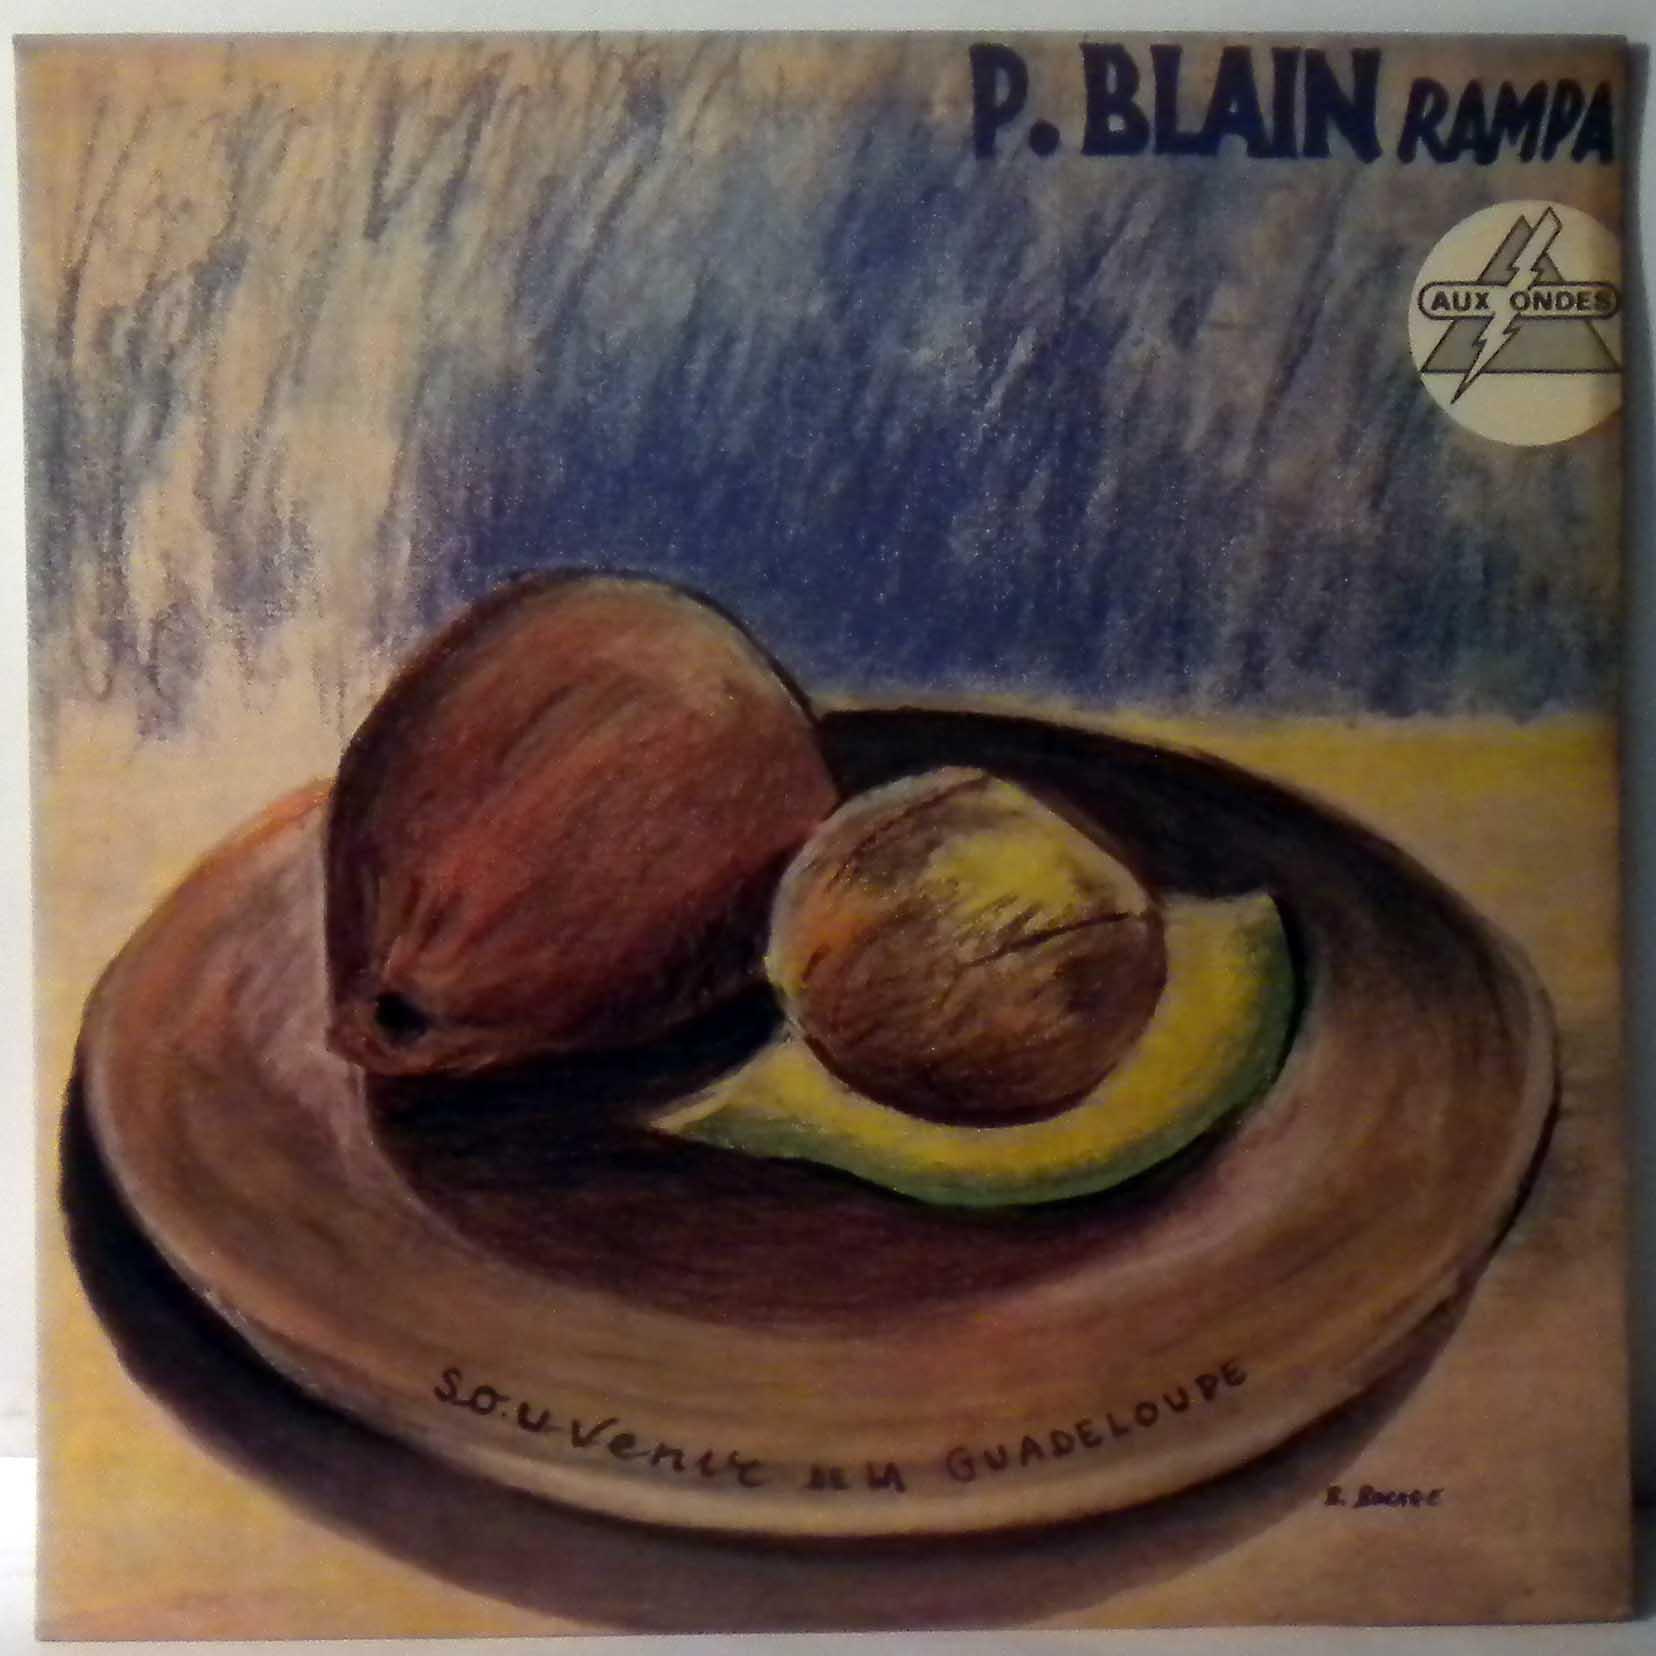 PIERRE BLAIN - Rampa - 33T